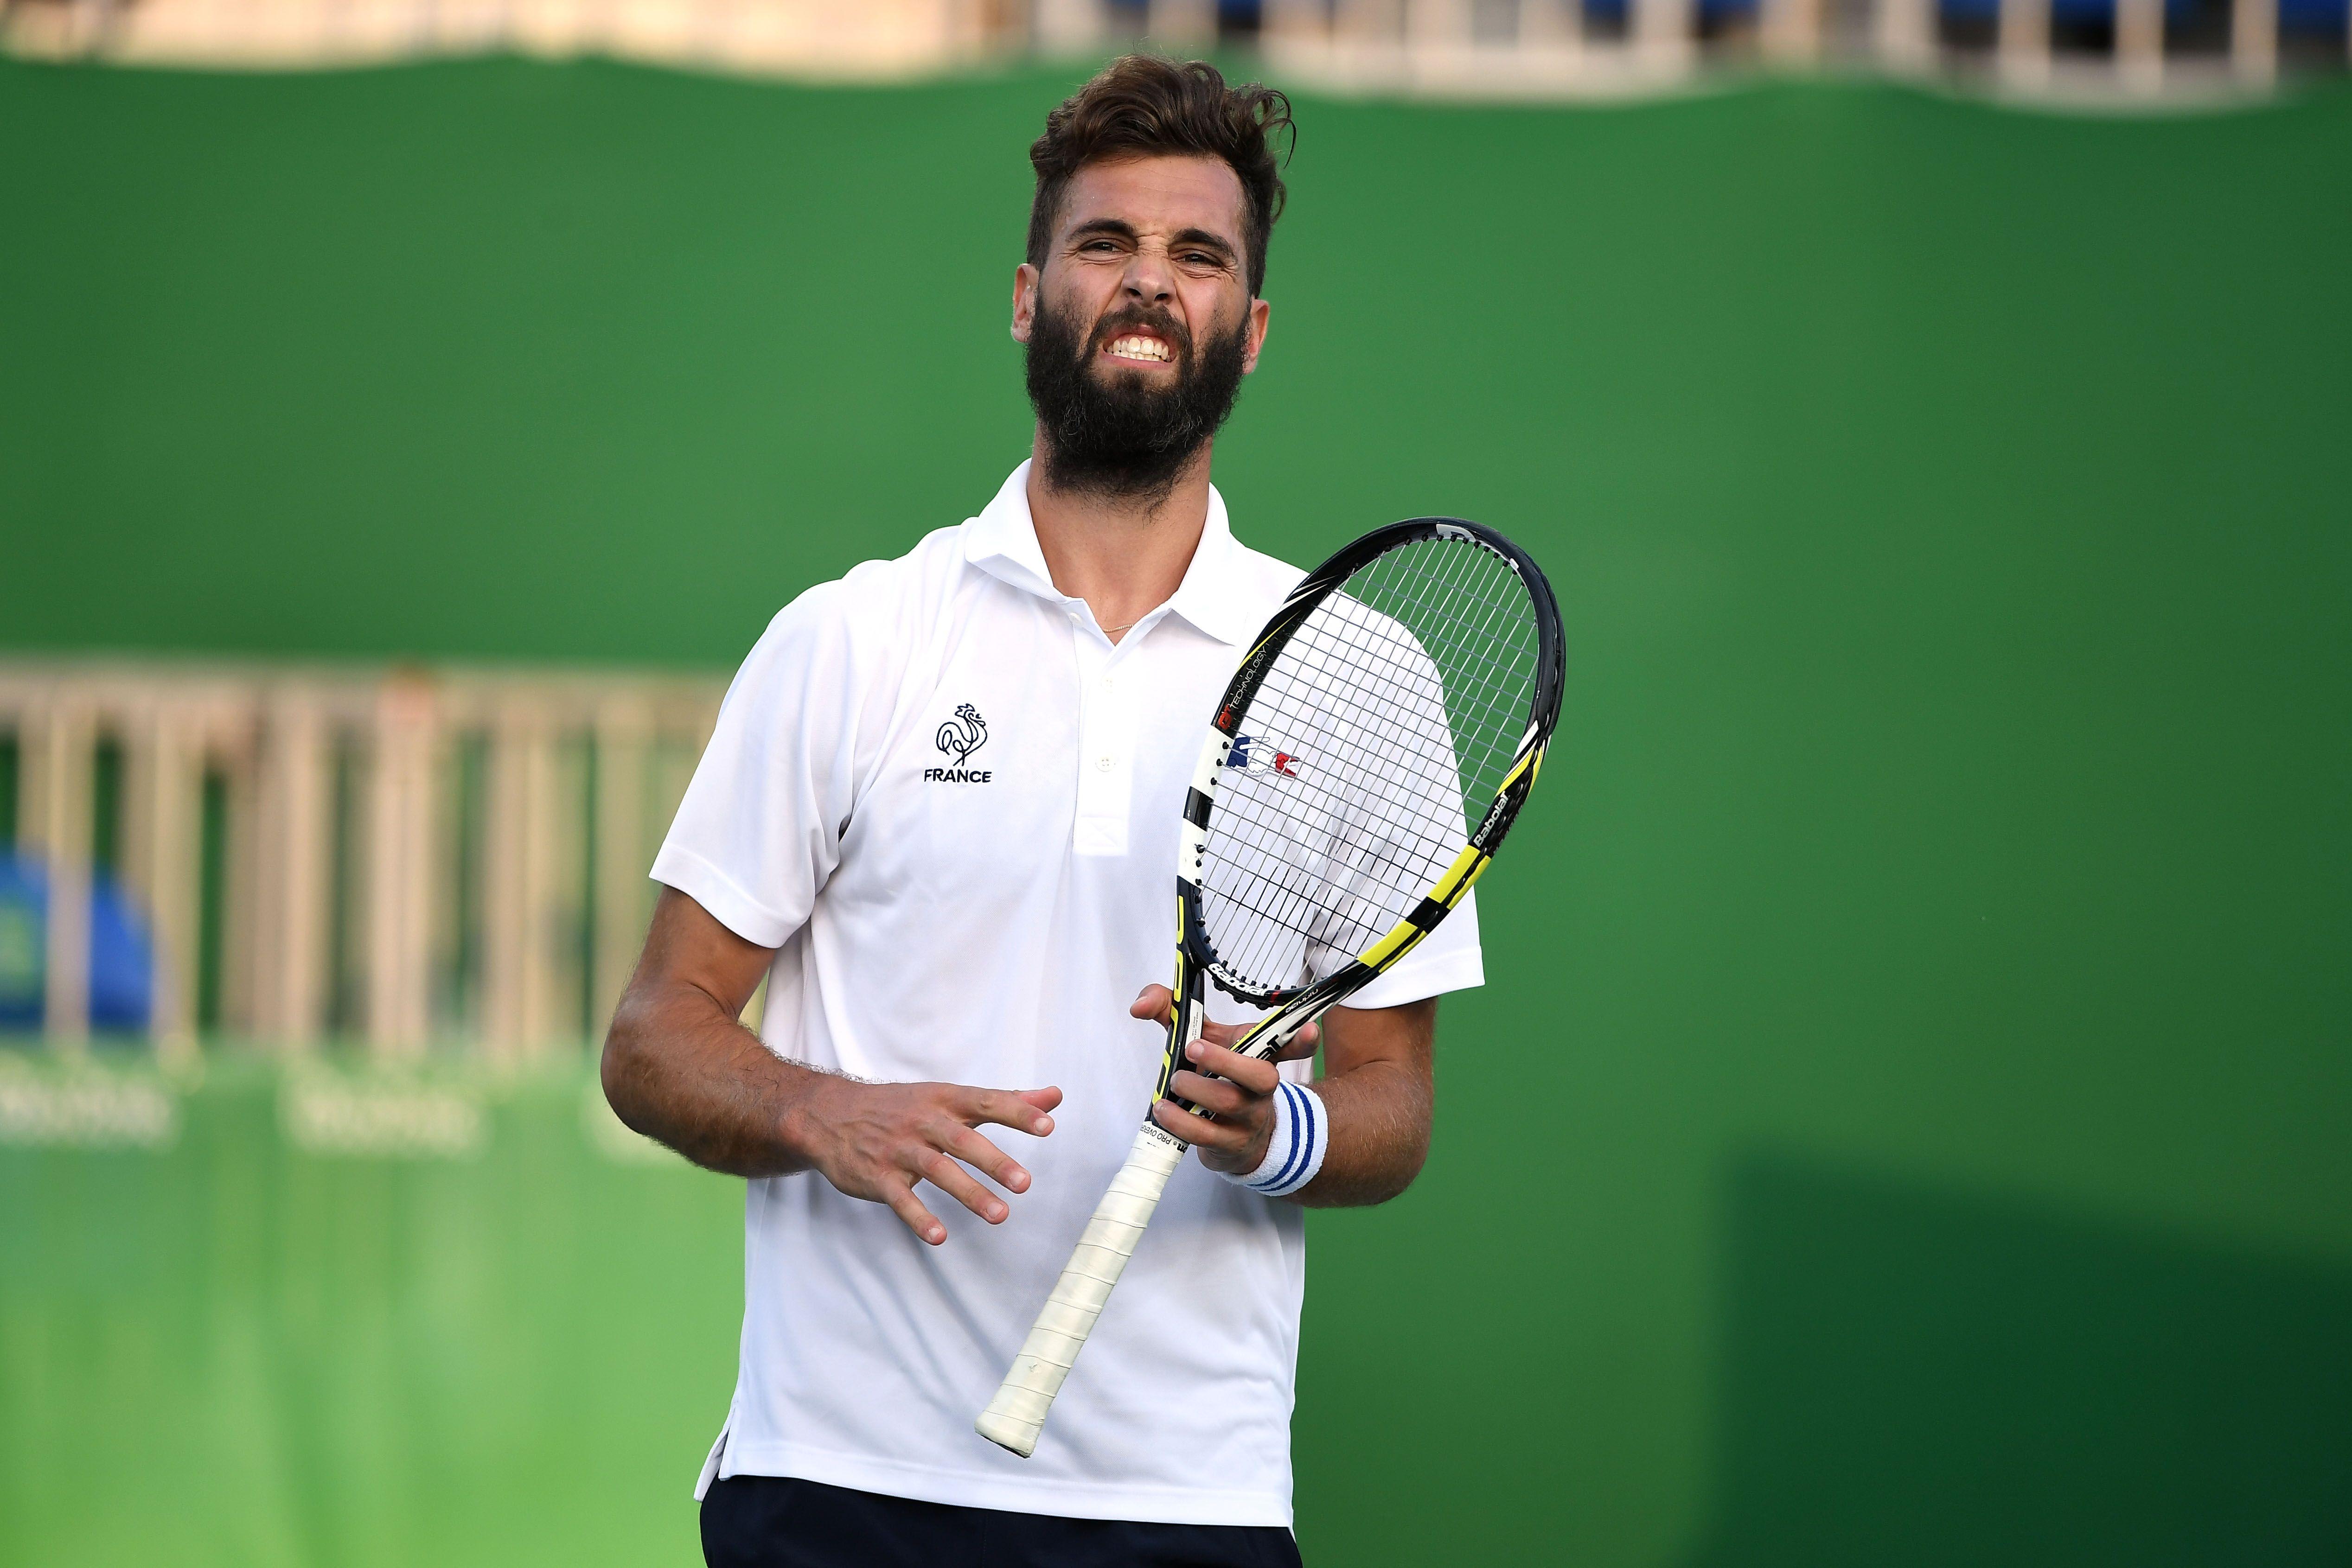 Tennis - Sanction levée pour Mladenovic et Garcia, Paire suspendu jusqu'à fin février